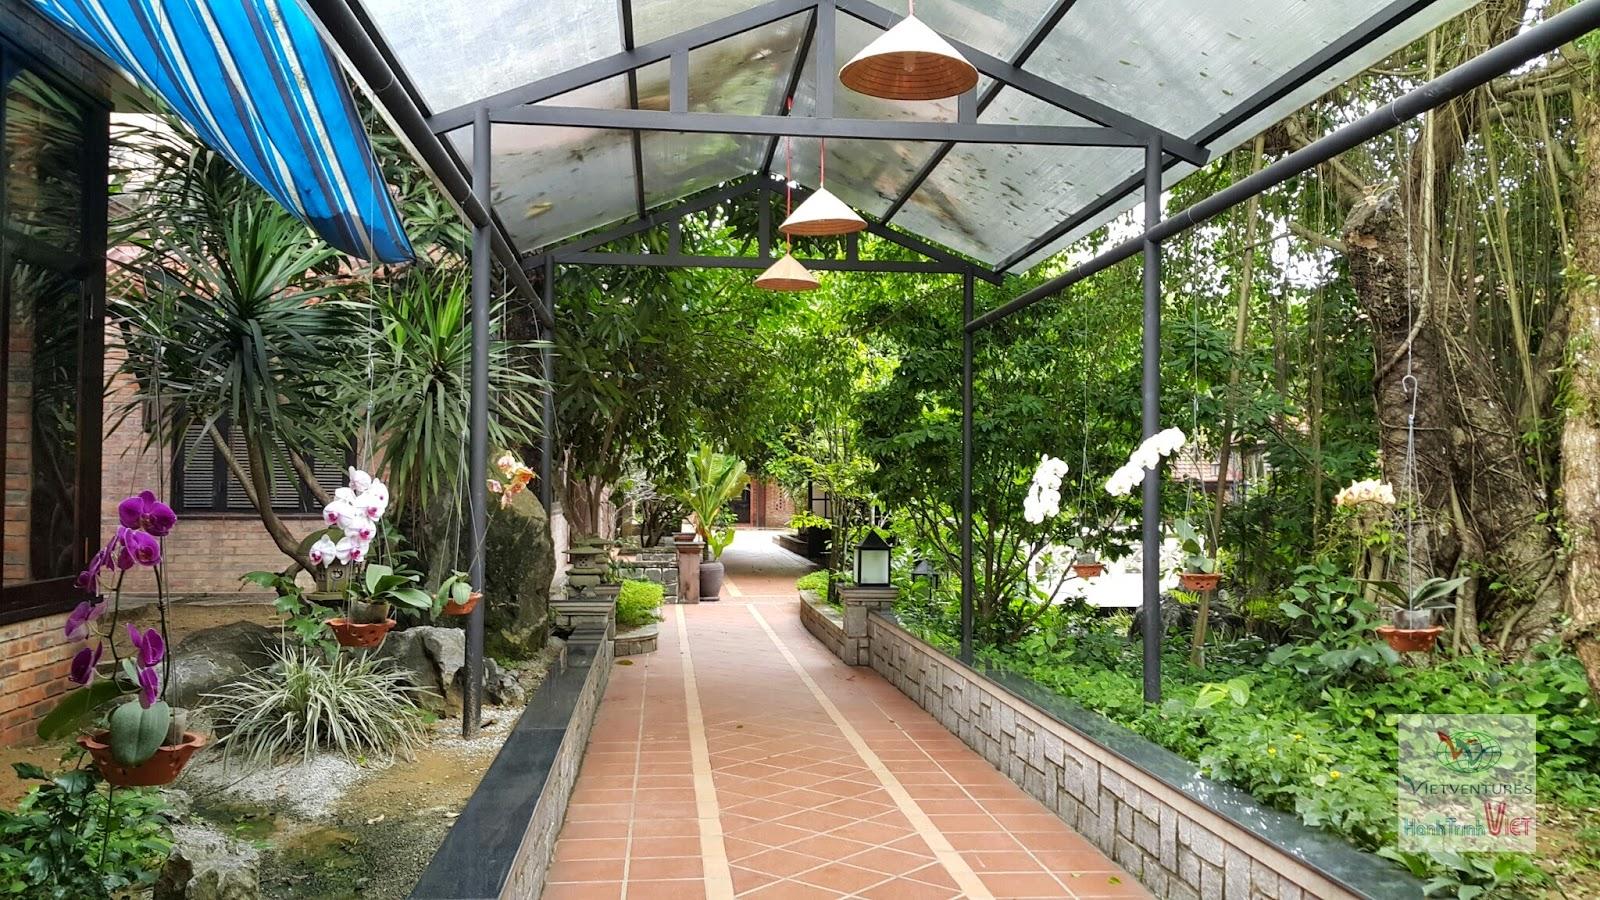 Nhà hàng Mộc Viên, Huế